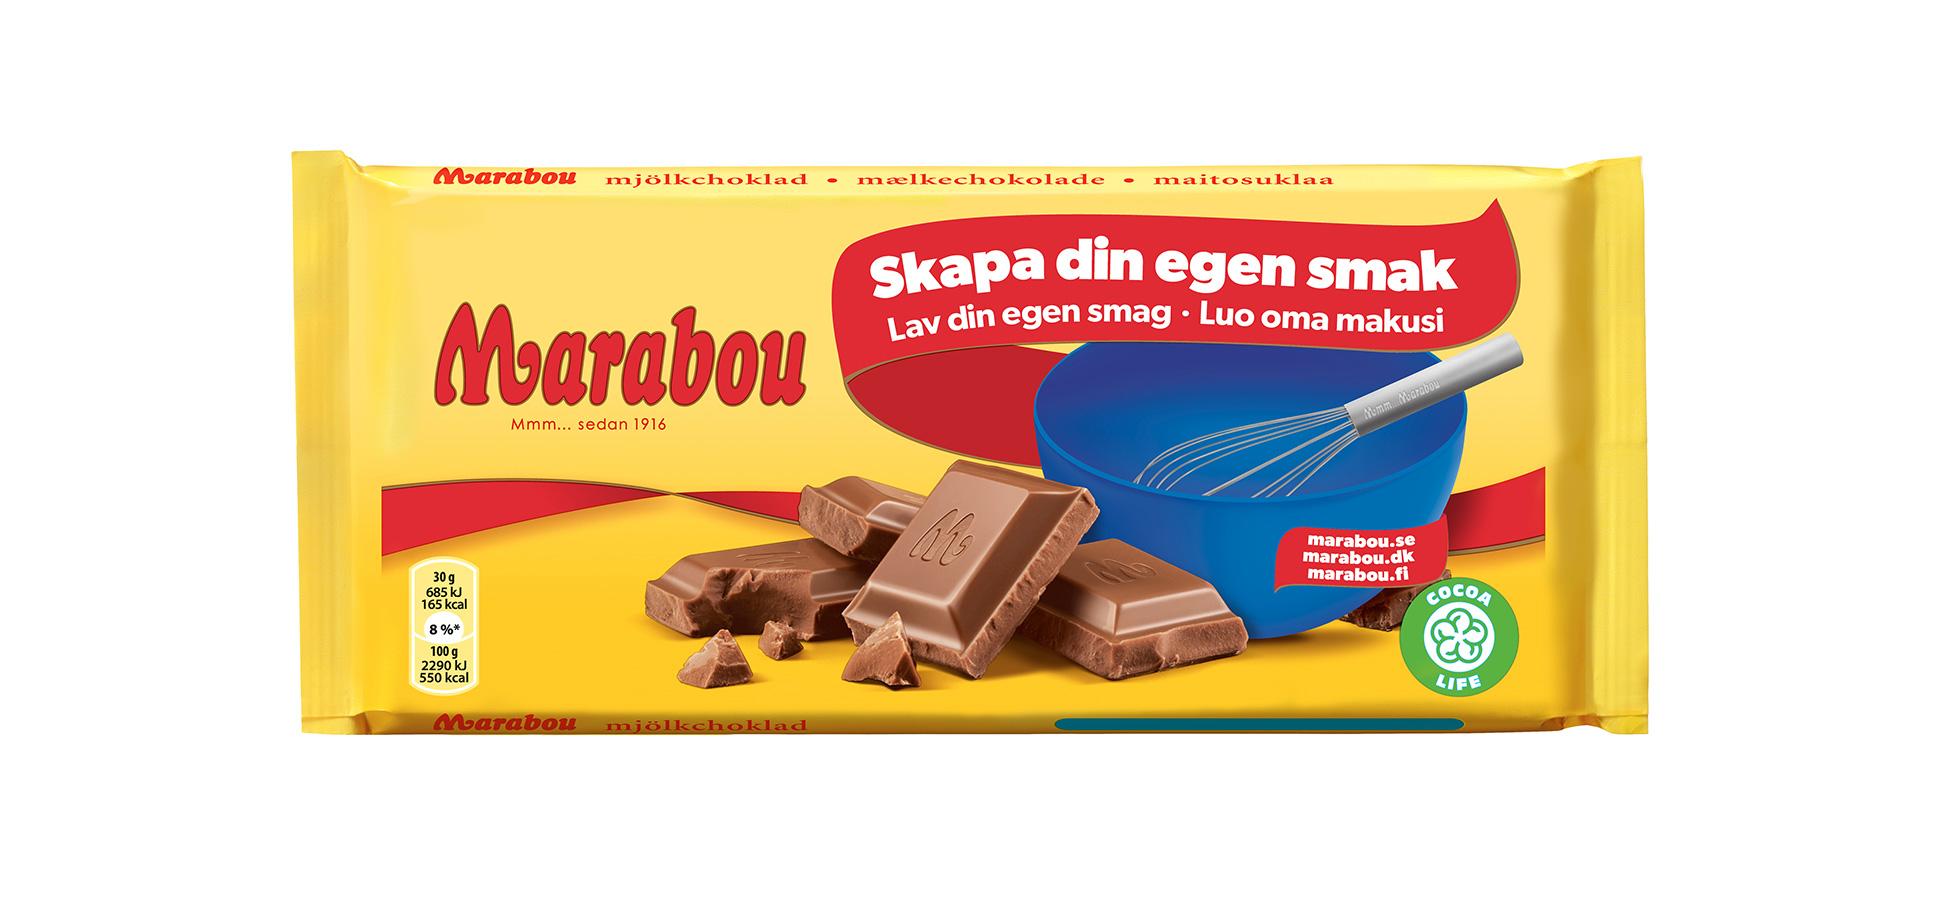 hur många kalorier innehåller marabou mjölkchoklad